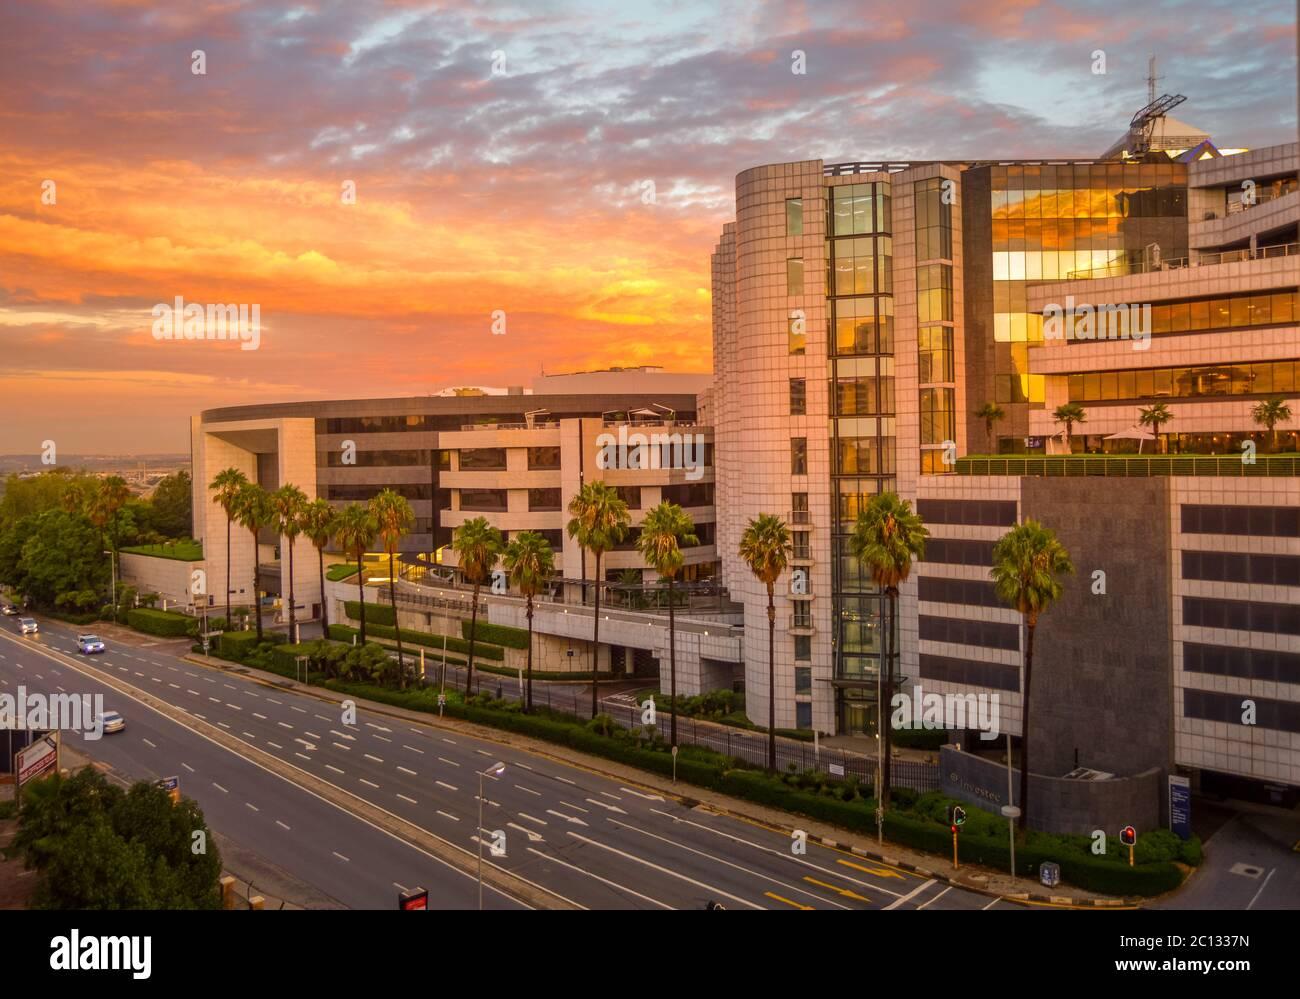 Bureaux d'affaires et financiers à Sandton Johannesburg Afrique du Sud à Sunset Sky Banque D'Images